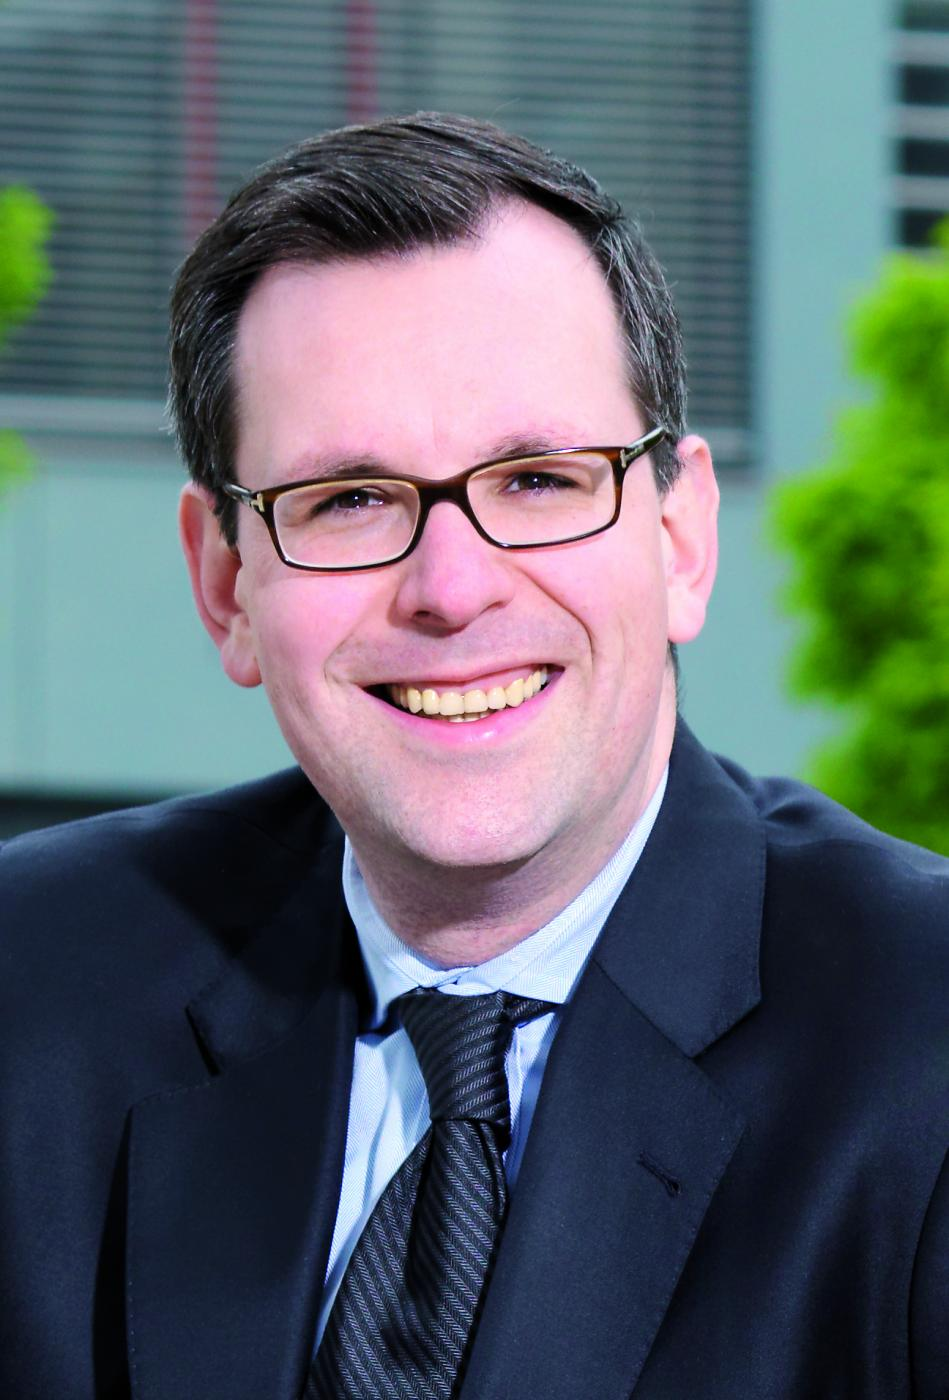 Robert Weichert, WeichertMehner, DE